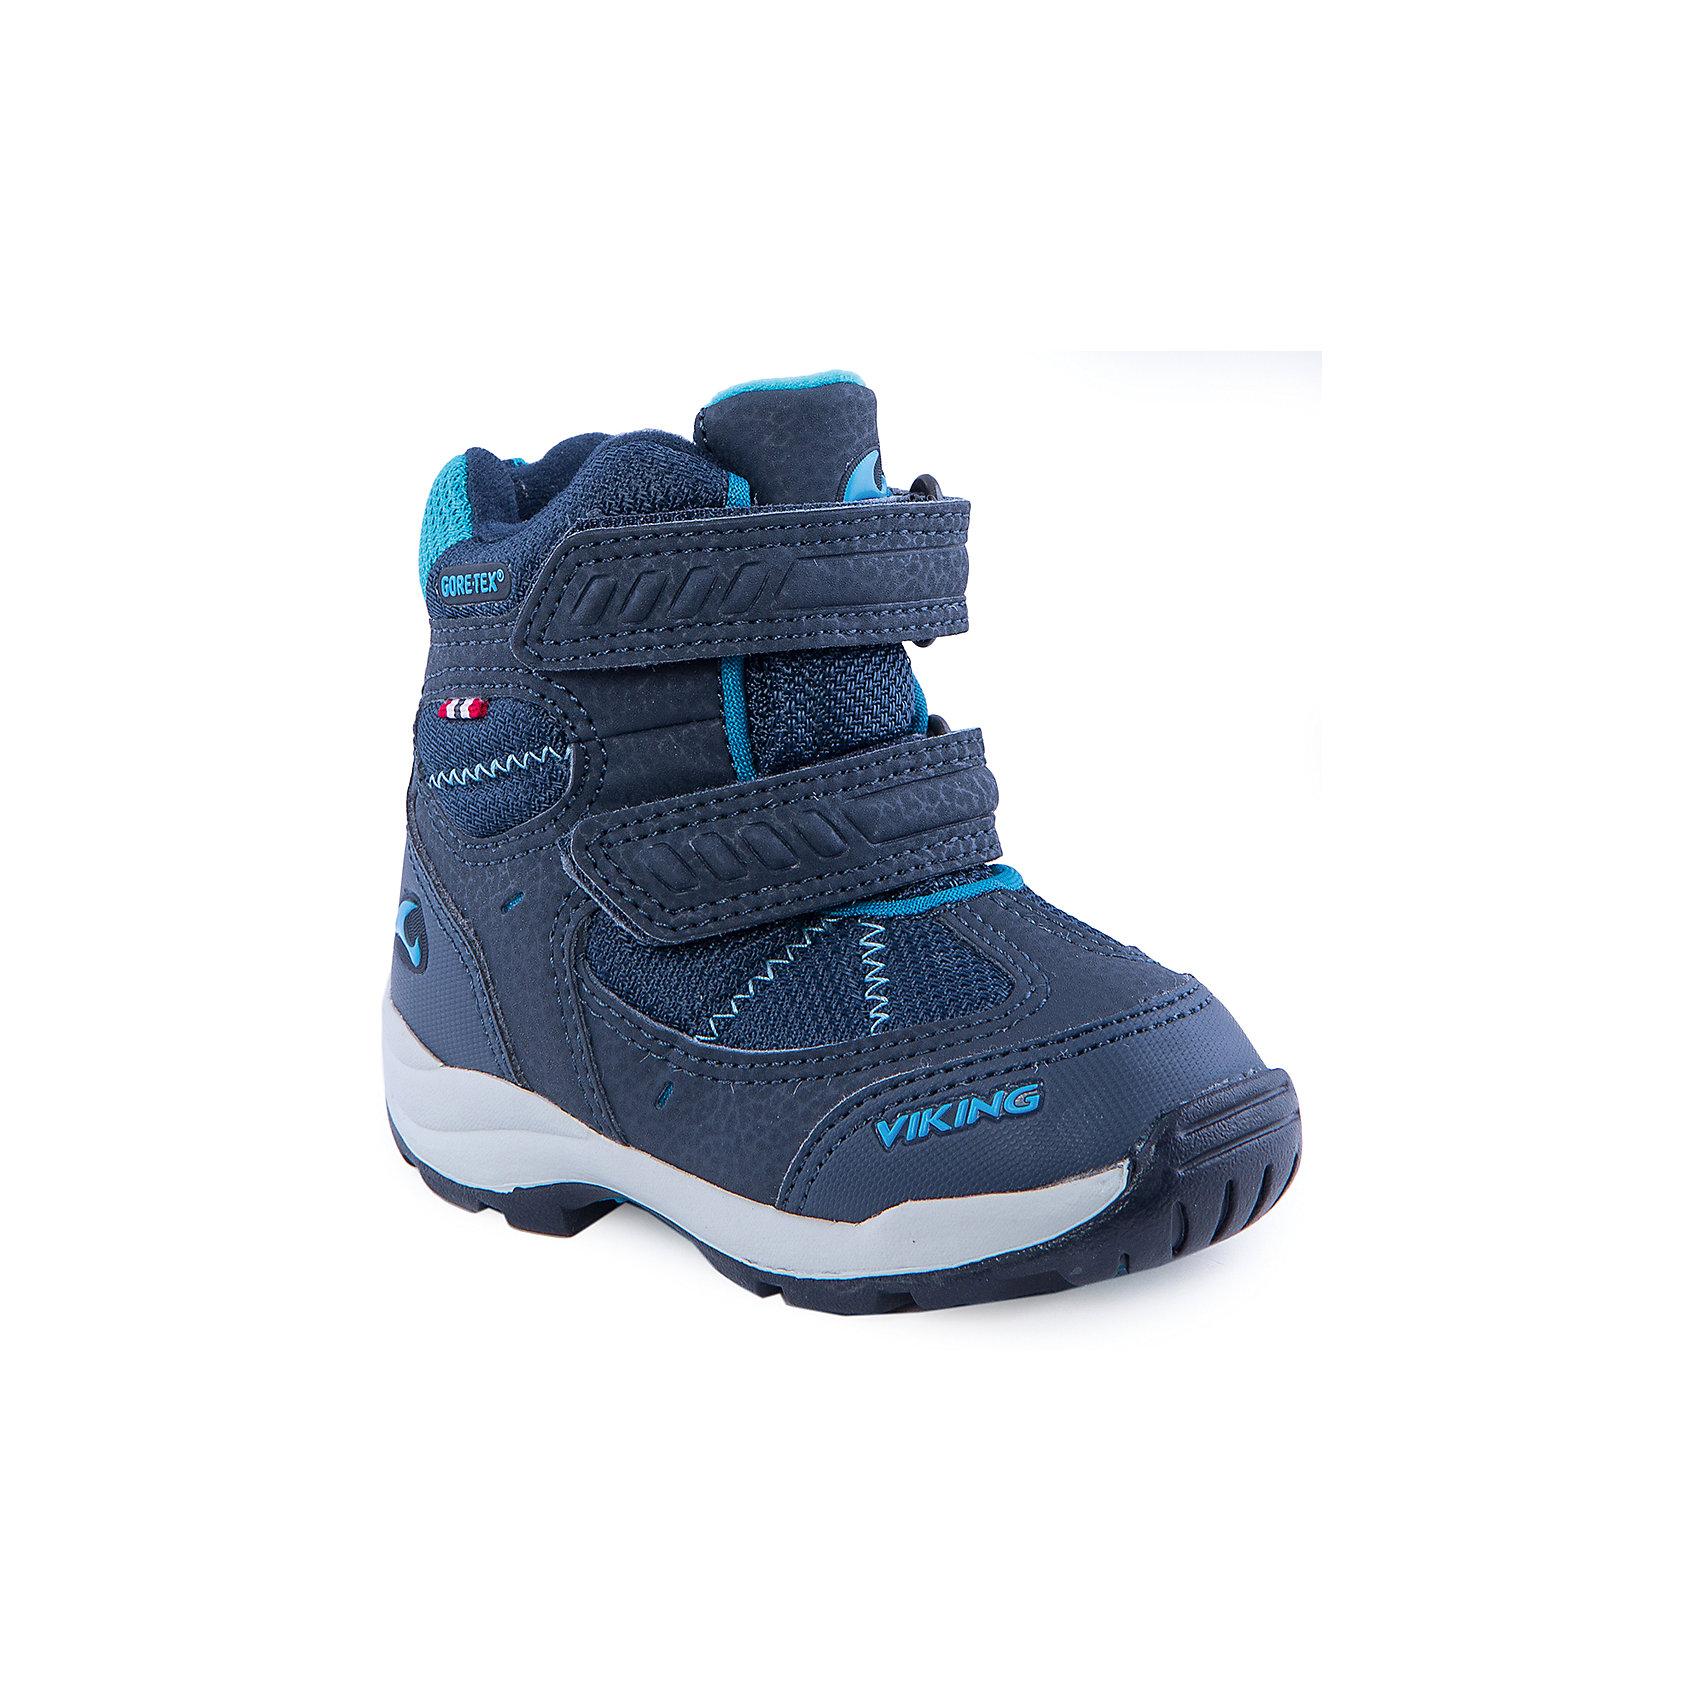 Ботинки для мальчика VIKINGБотинки<br>Великолепные ботинки марки Viking (Викинг) созданы из натуральных материалов. Из-за своего небольшого веса модель очень удобна для носки. Несмотря на лёгкость, в ботинках хорошо сохраняется тепло, а резиновая подошва обеспечивает хорошее устойчивость сцепление. Модель дополнена застежкой на липучке. Цвет синий.<br>Состав: Материал верха: 60% текстиль, 40% искусственная кожа<br>Материал подклада: мембранная подкладка GORE-TEX<br><br>Ширина мм: 262<br>Глубина мм: 176<br>Высота мм: 97<br>Вес г: 427<br>Цвет: синий<br>Возраст от месяцев: 9<br>Возраст до месяцев: 12<br>Пол: Мужской<br>Возраст: Детский<br>Размер: 20,21,29,28,26,24,23,30,27,25,22<br>SKU: 4279072